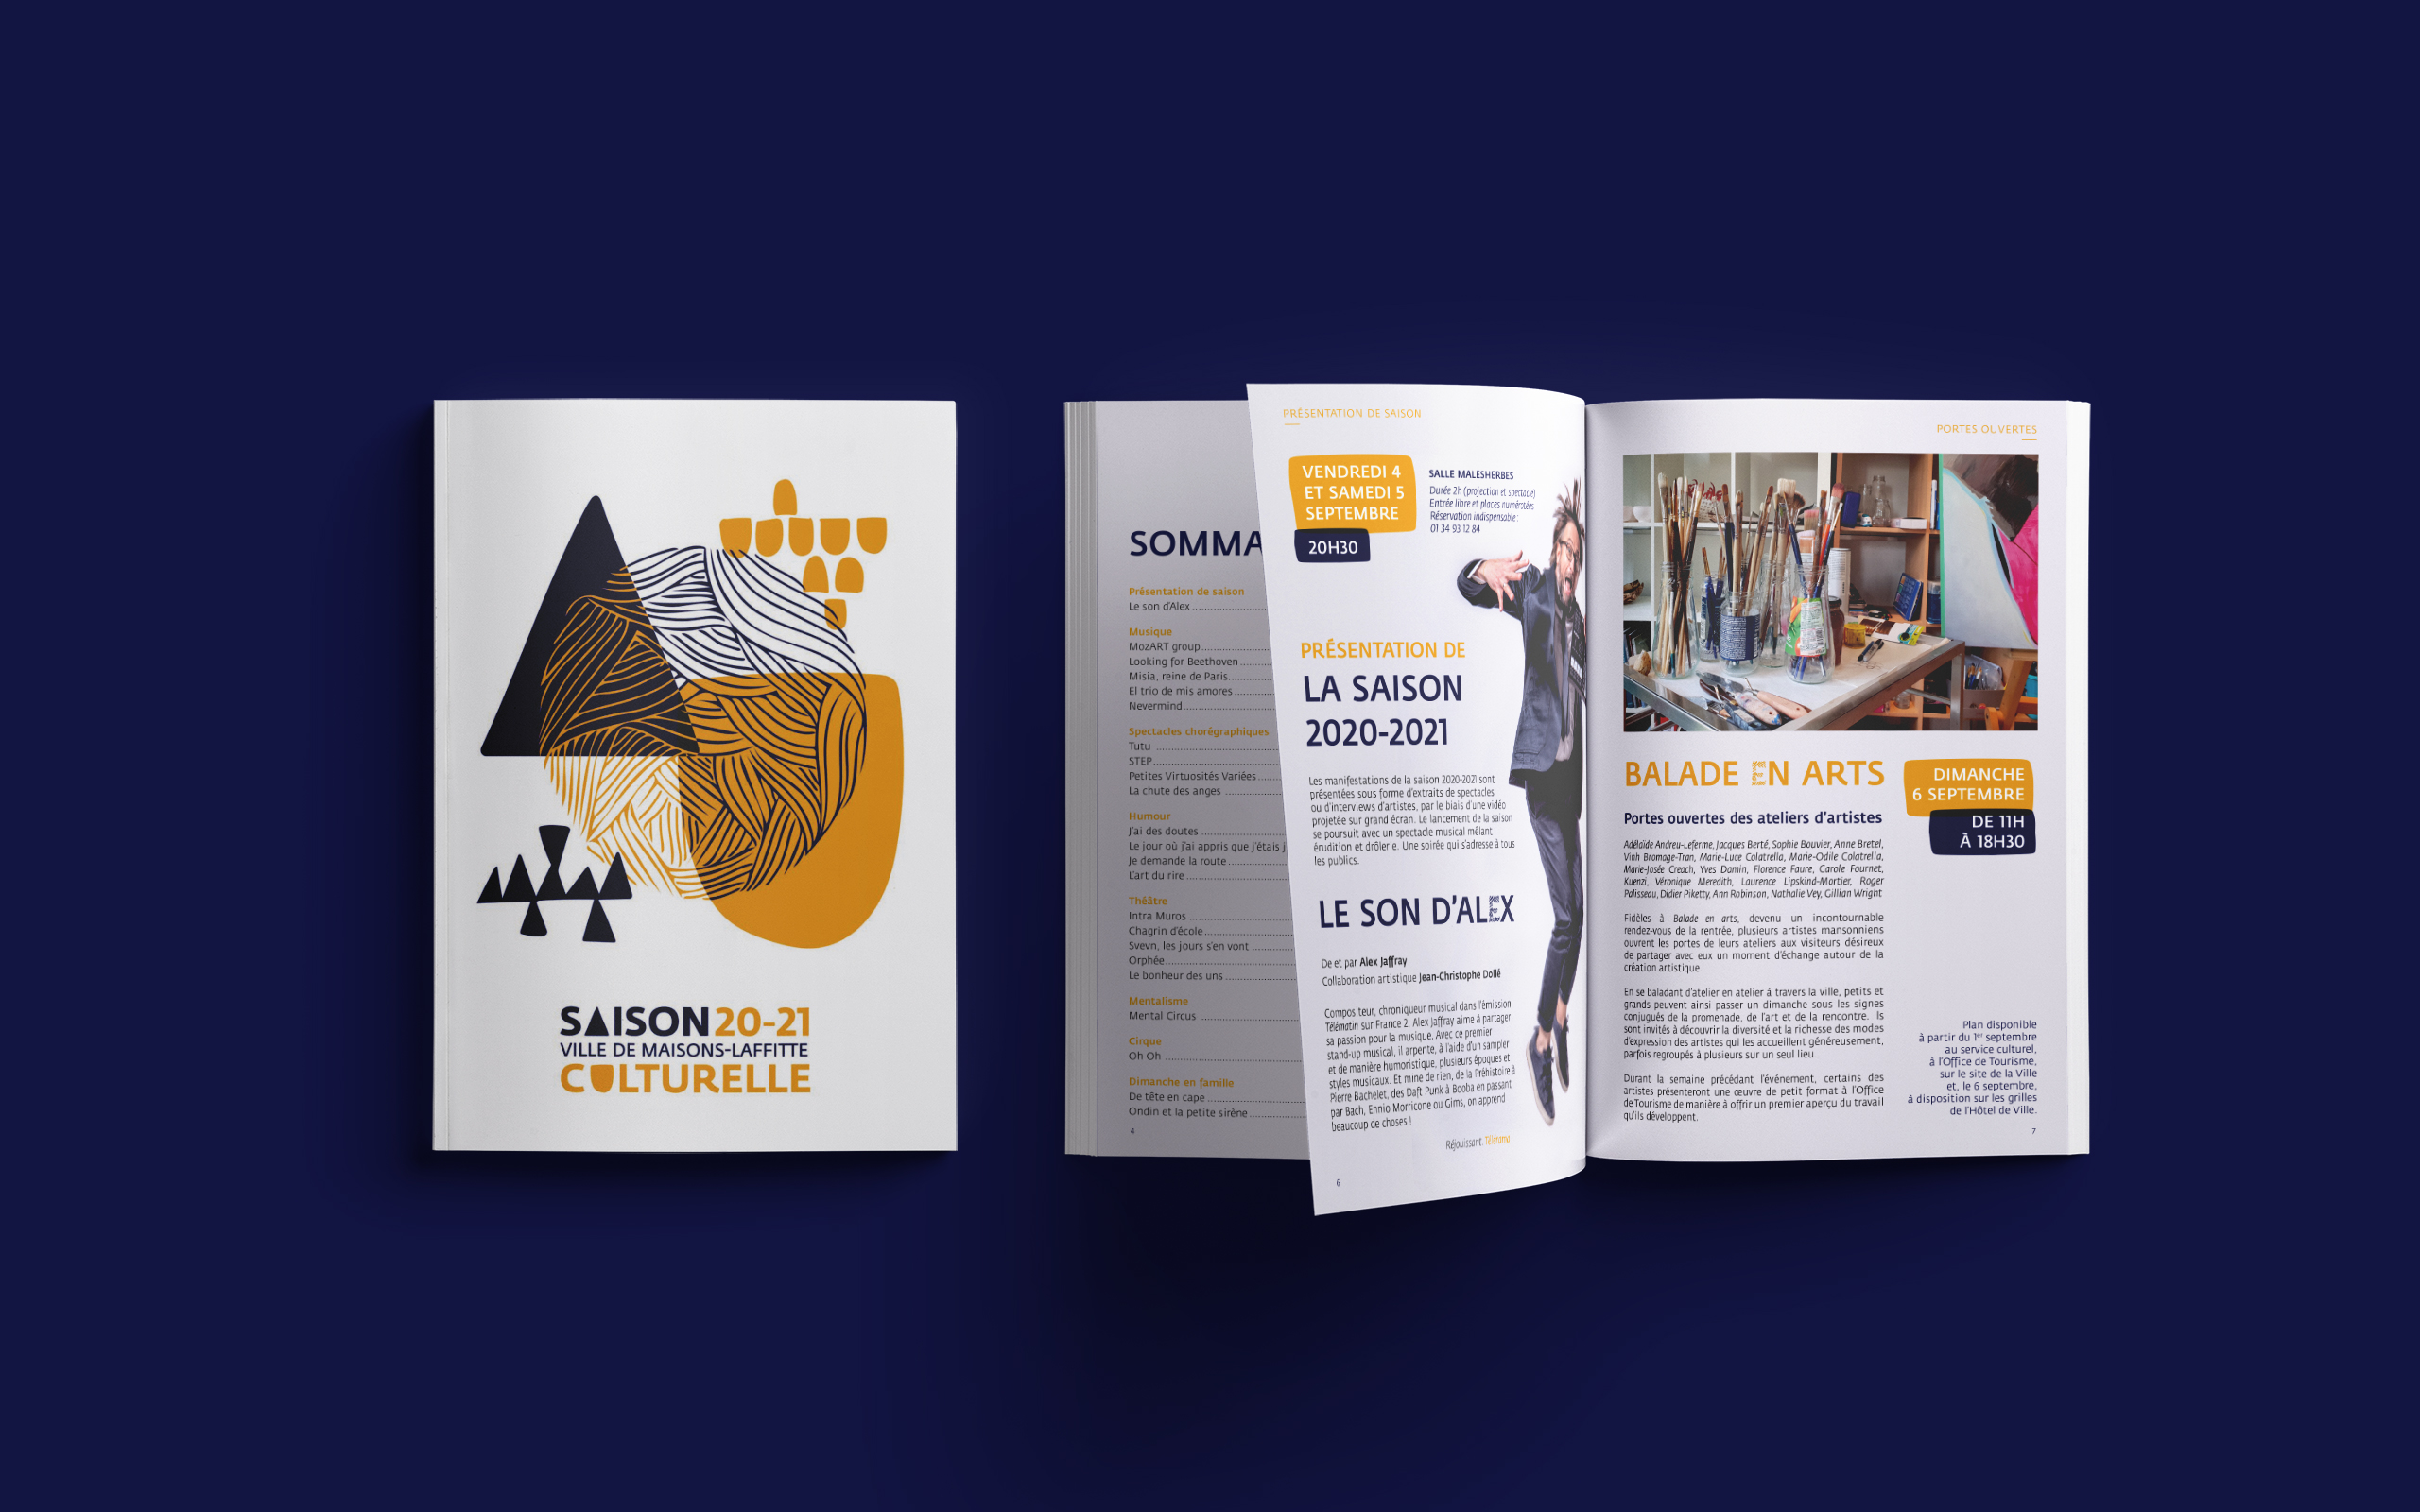 Saison culturelle 2020-2021 Maisons-Laffitte programme